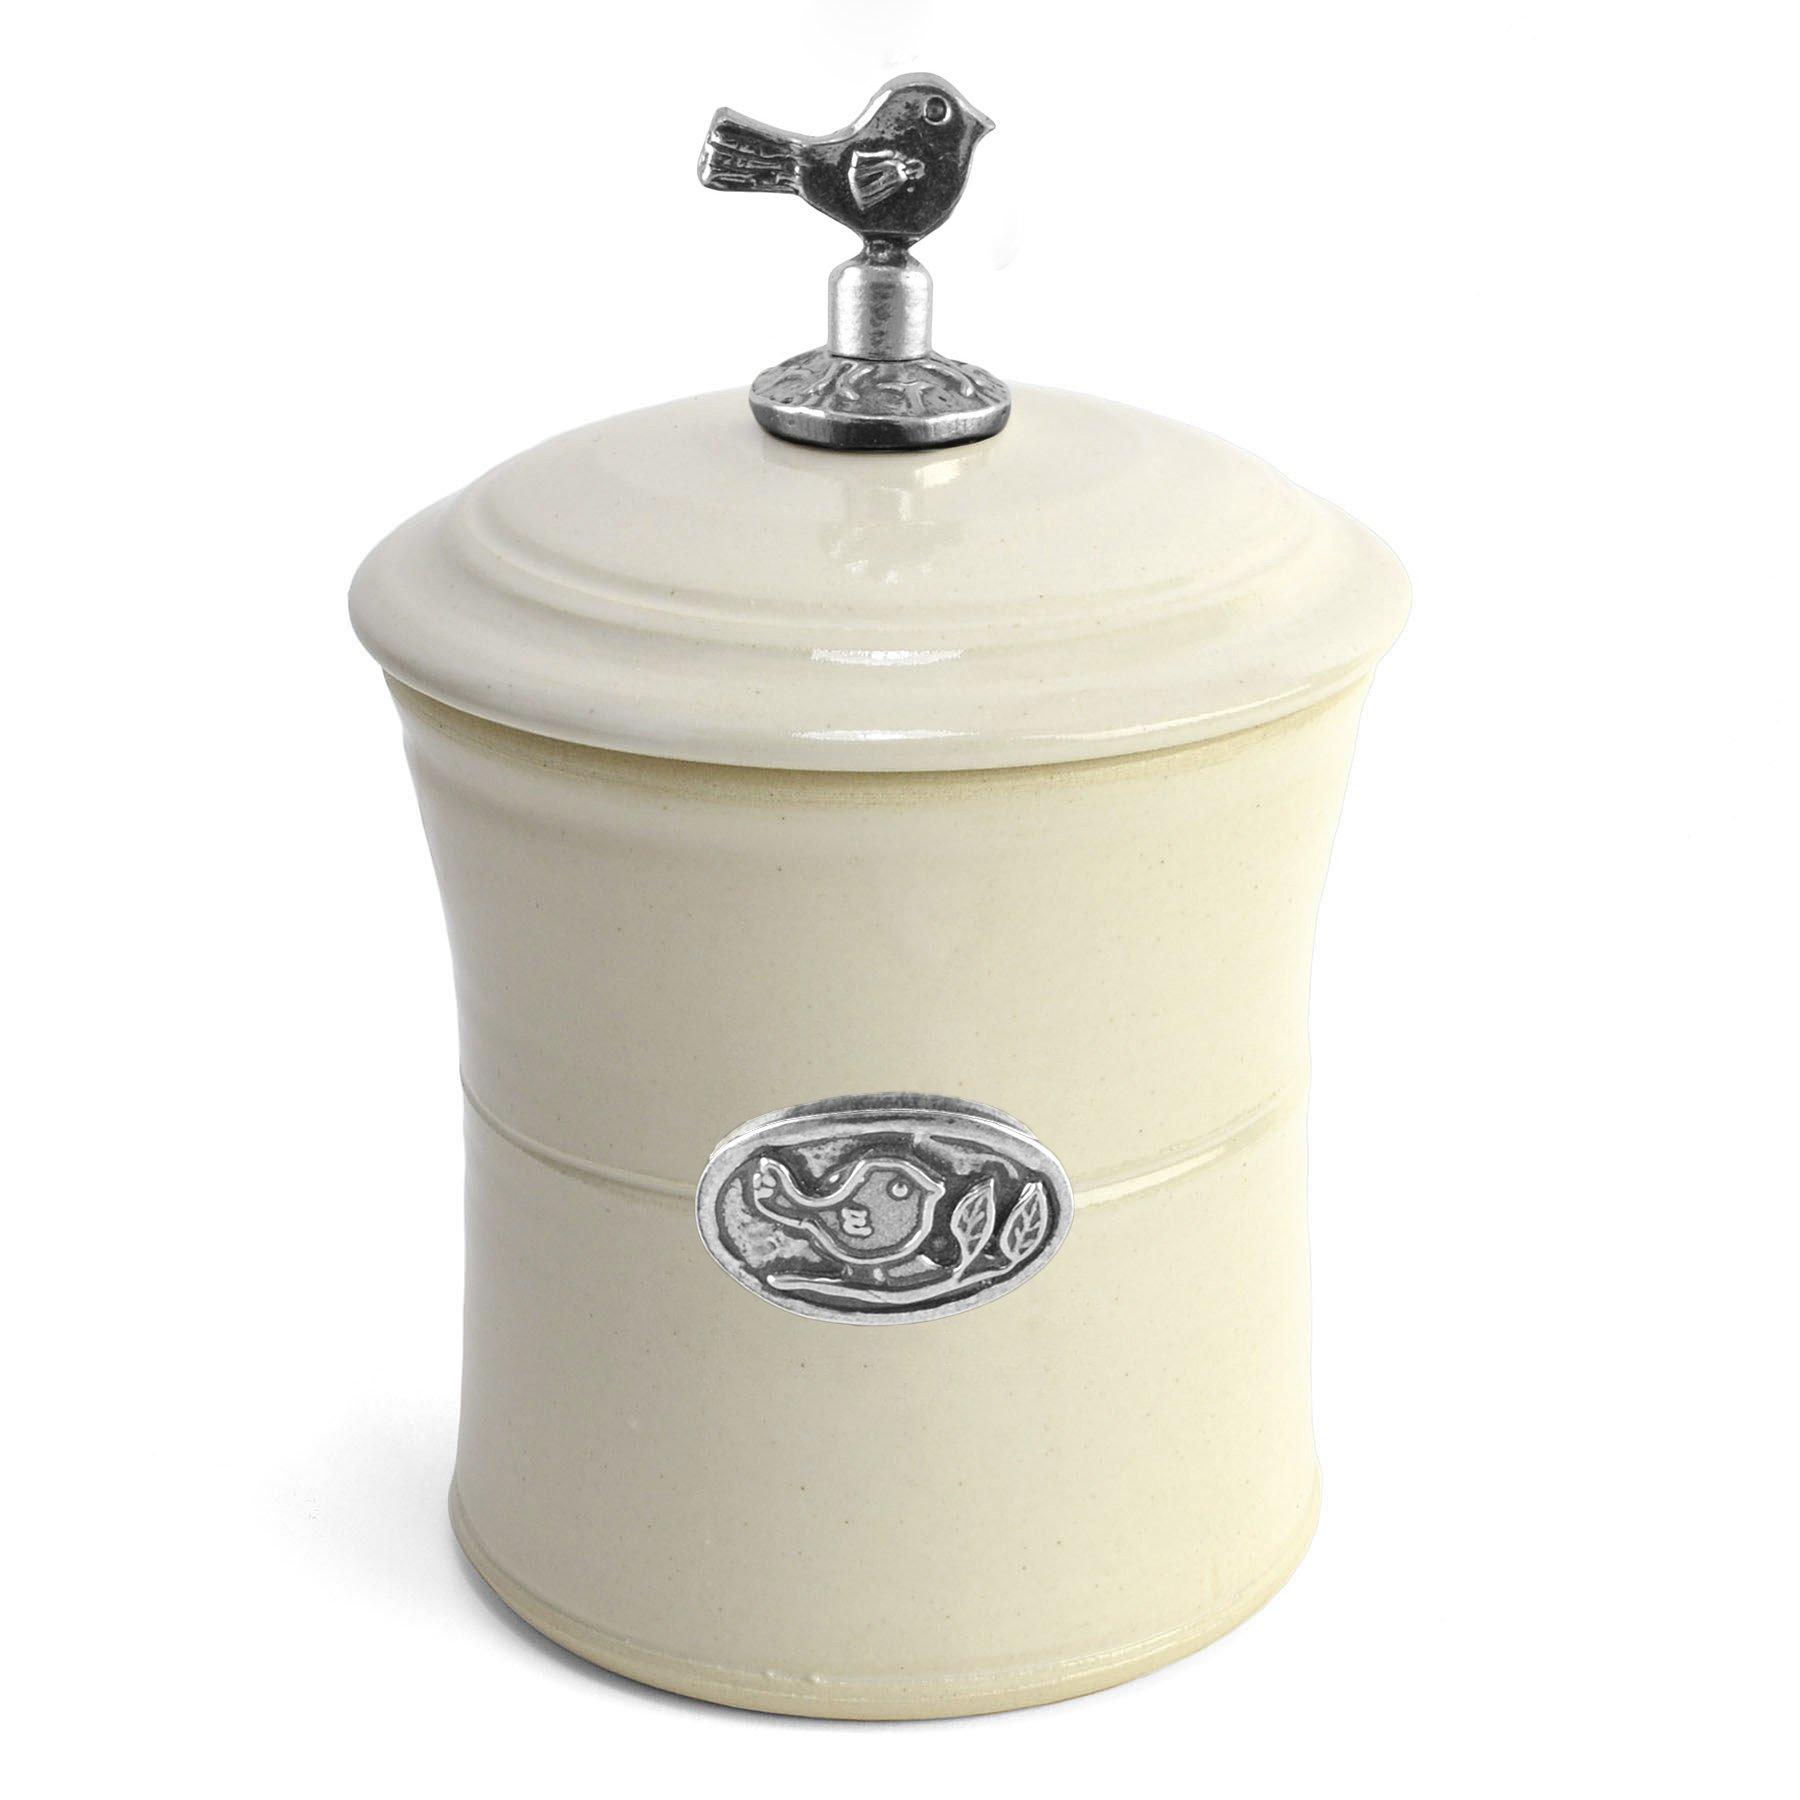 Oregon Stoneware Studio Bird Garlic Pot with Pewter Finial, Whipping Cream by Oregon Stoneware Studio